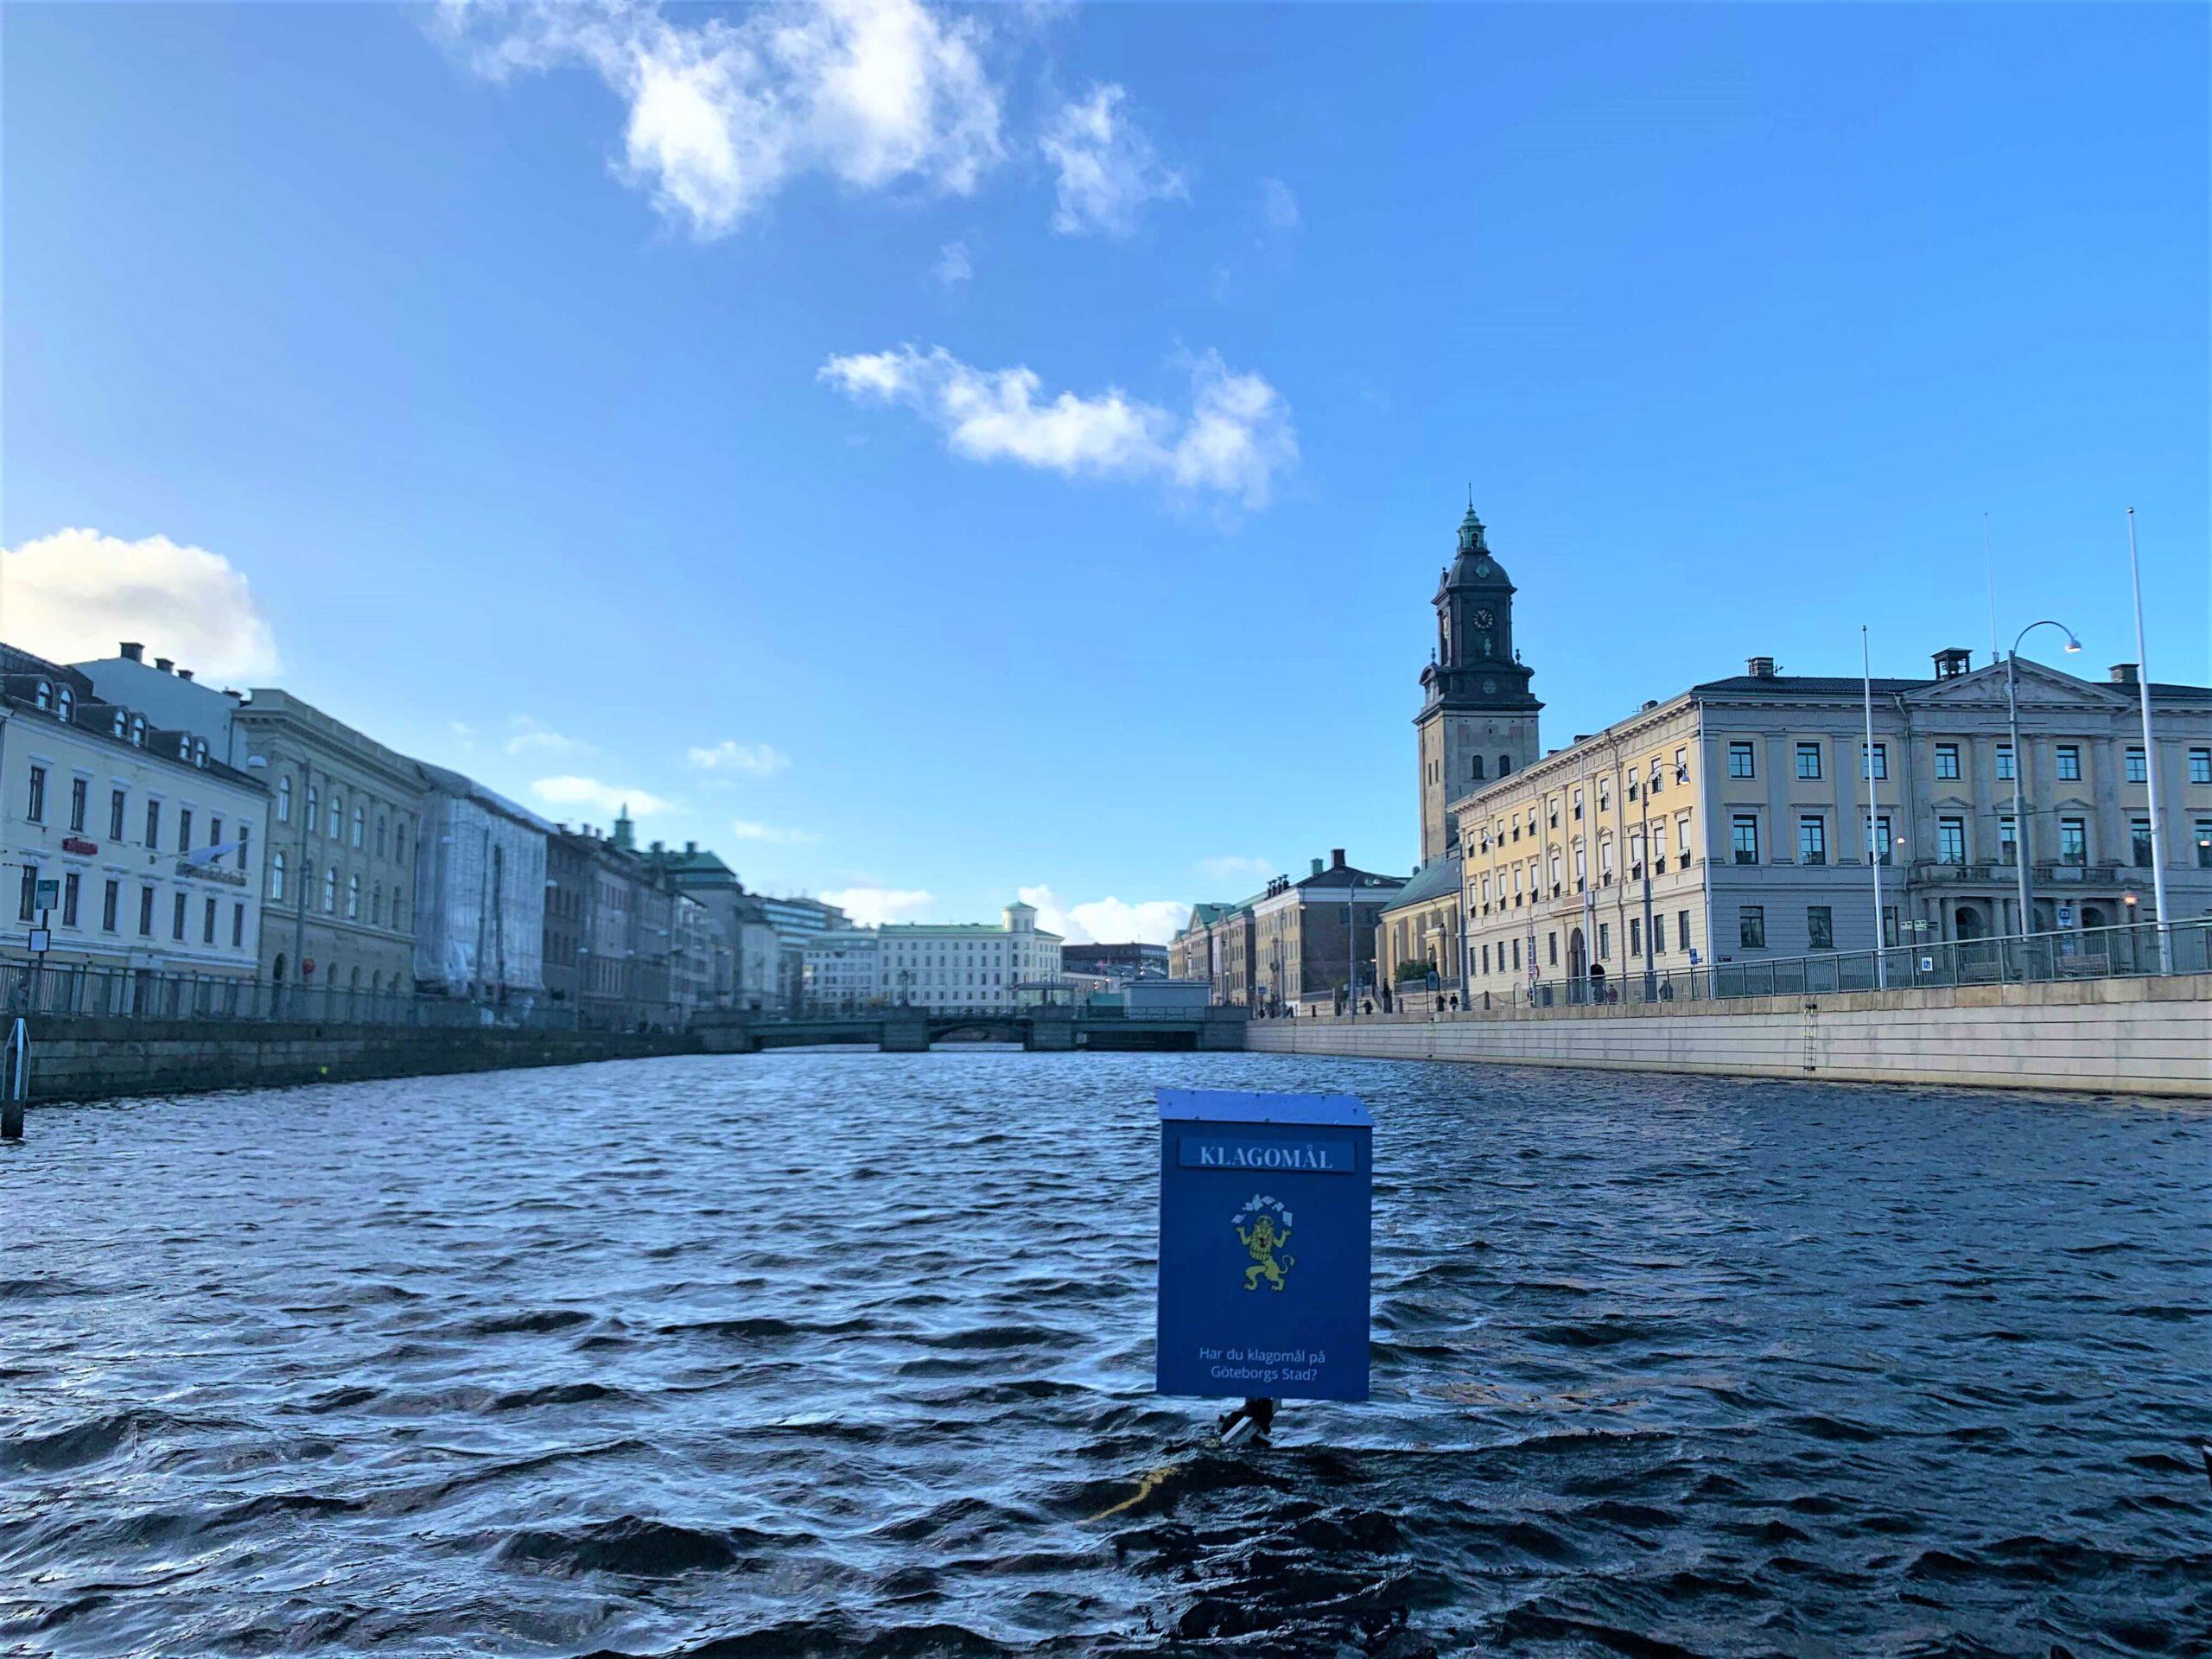 """En bild på kanalen vid Brunnsparken. Ute i vattnet sticker en blå brevlåda upp, med texten """"Har du klagomål till Göteborgs Stad?"""" på."""